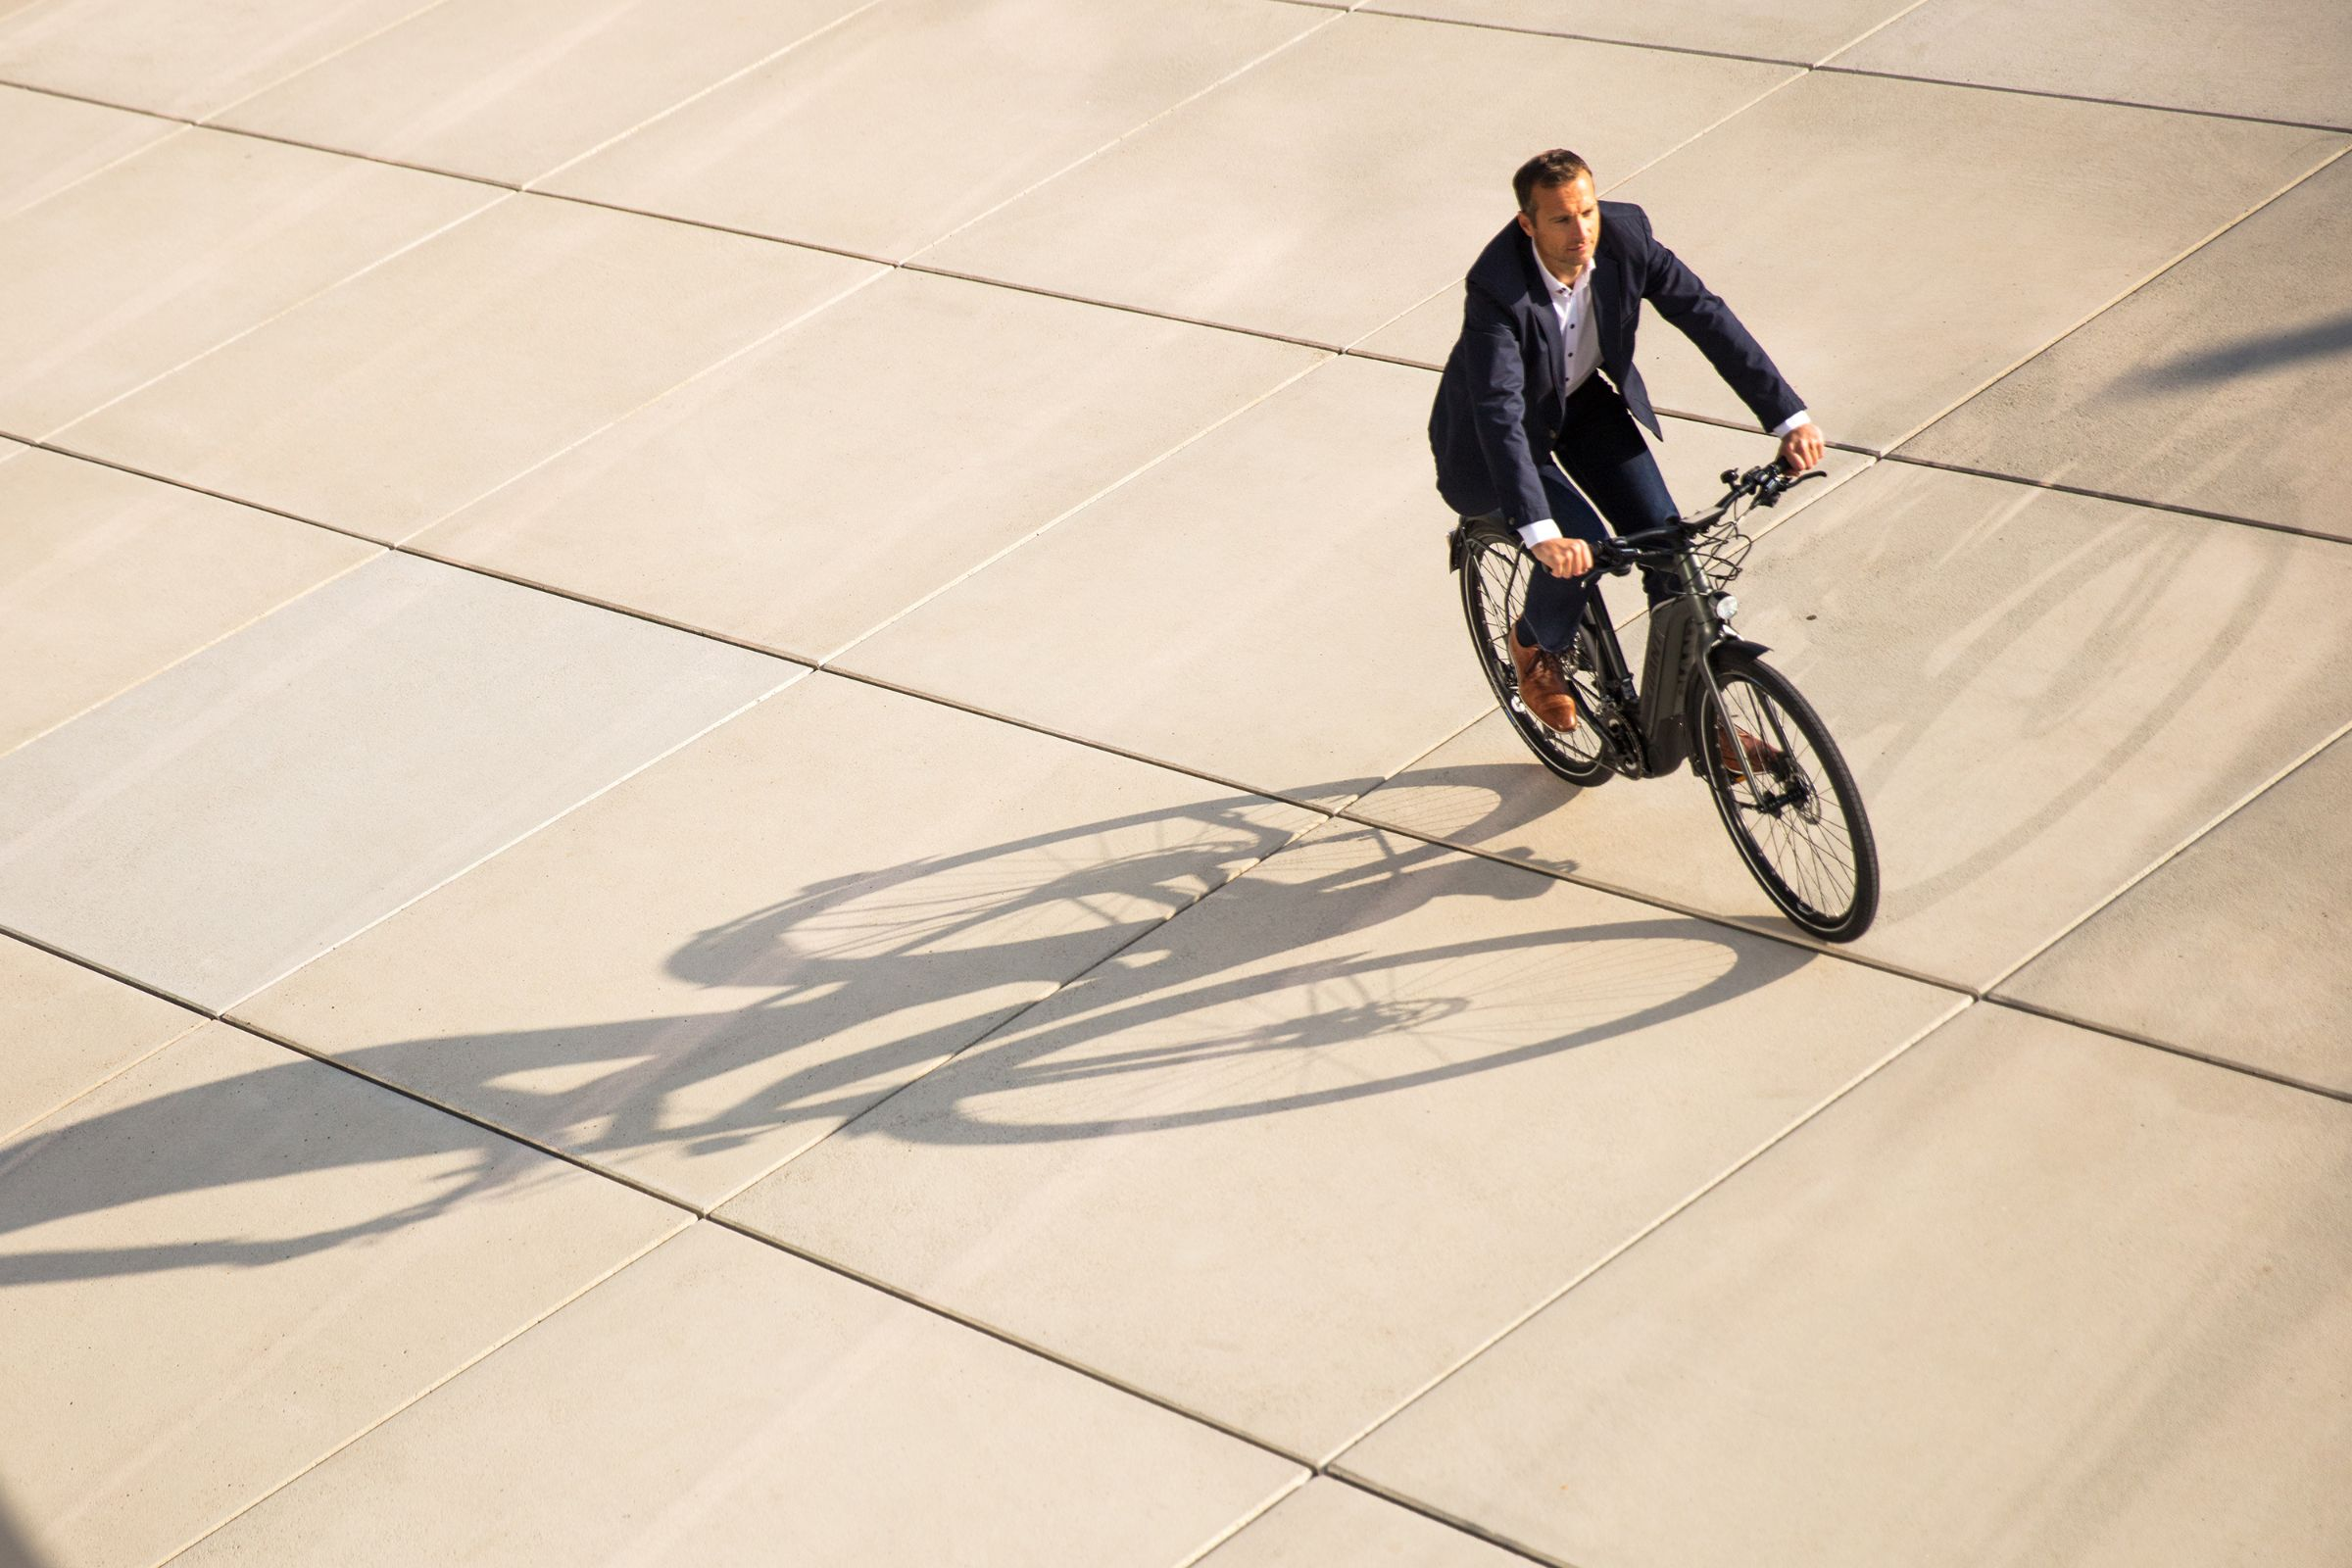 JobRad Arbeitgeber fährt Fahrrad